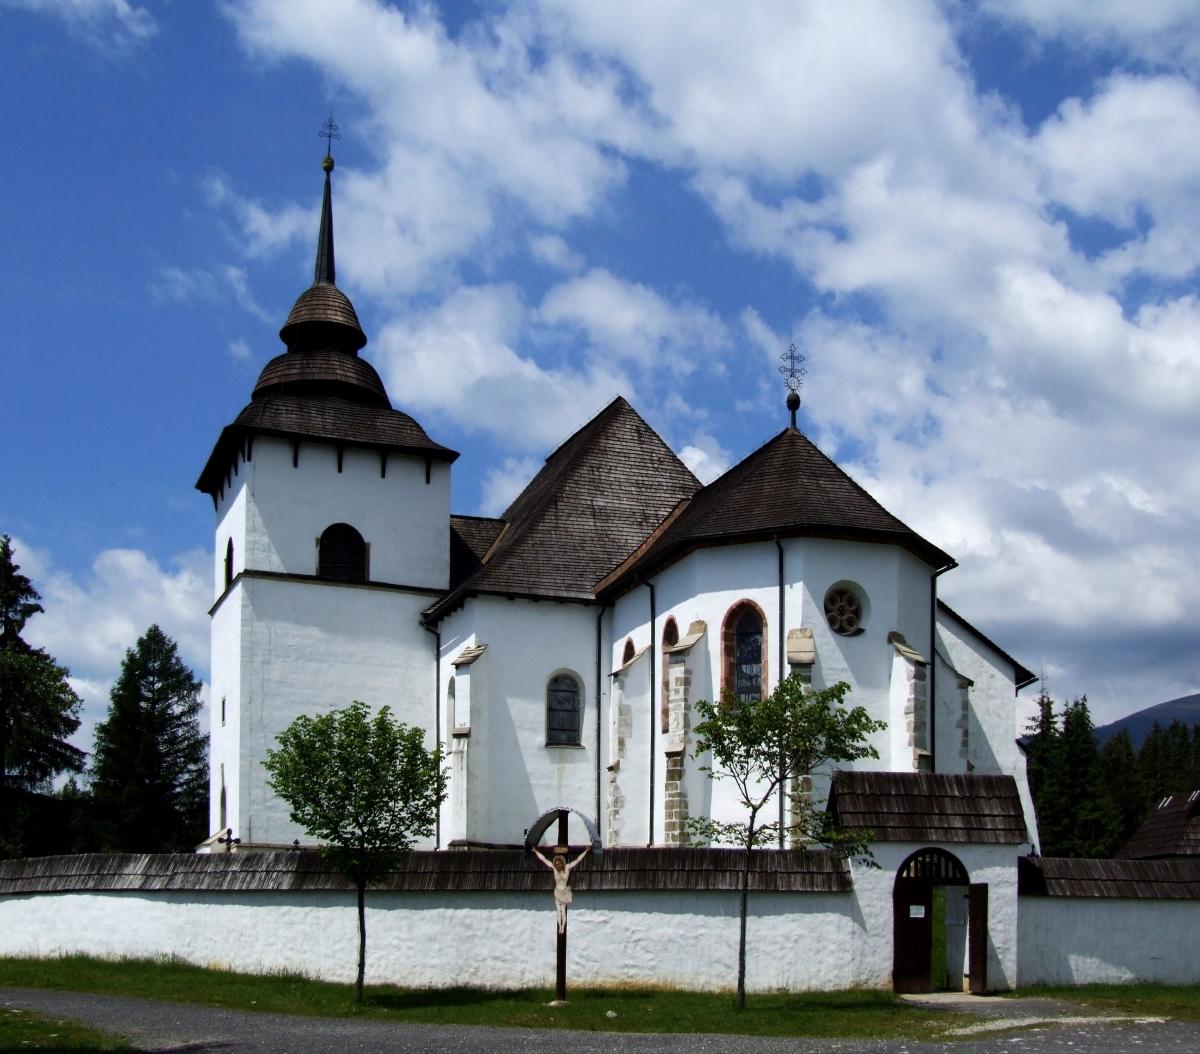 Преимущества приобретения жилья в Словакии